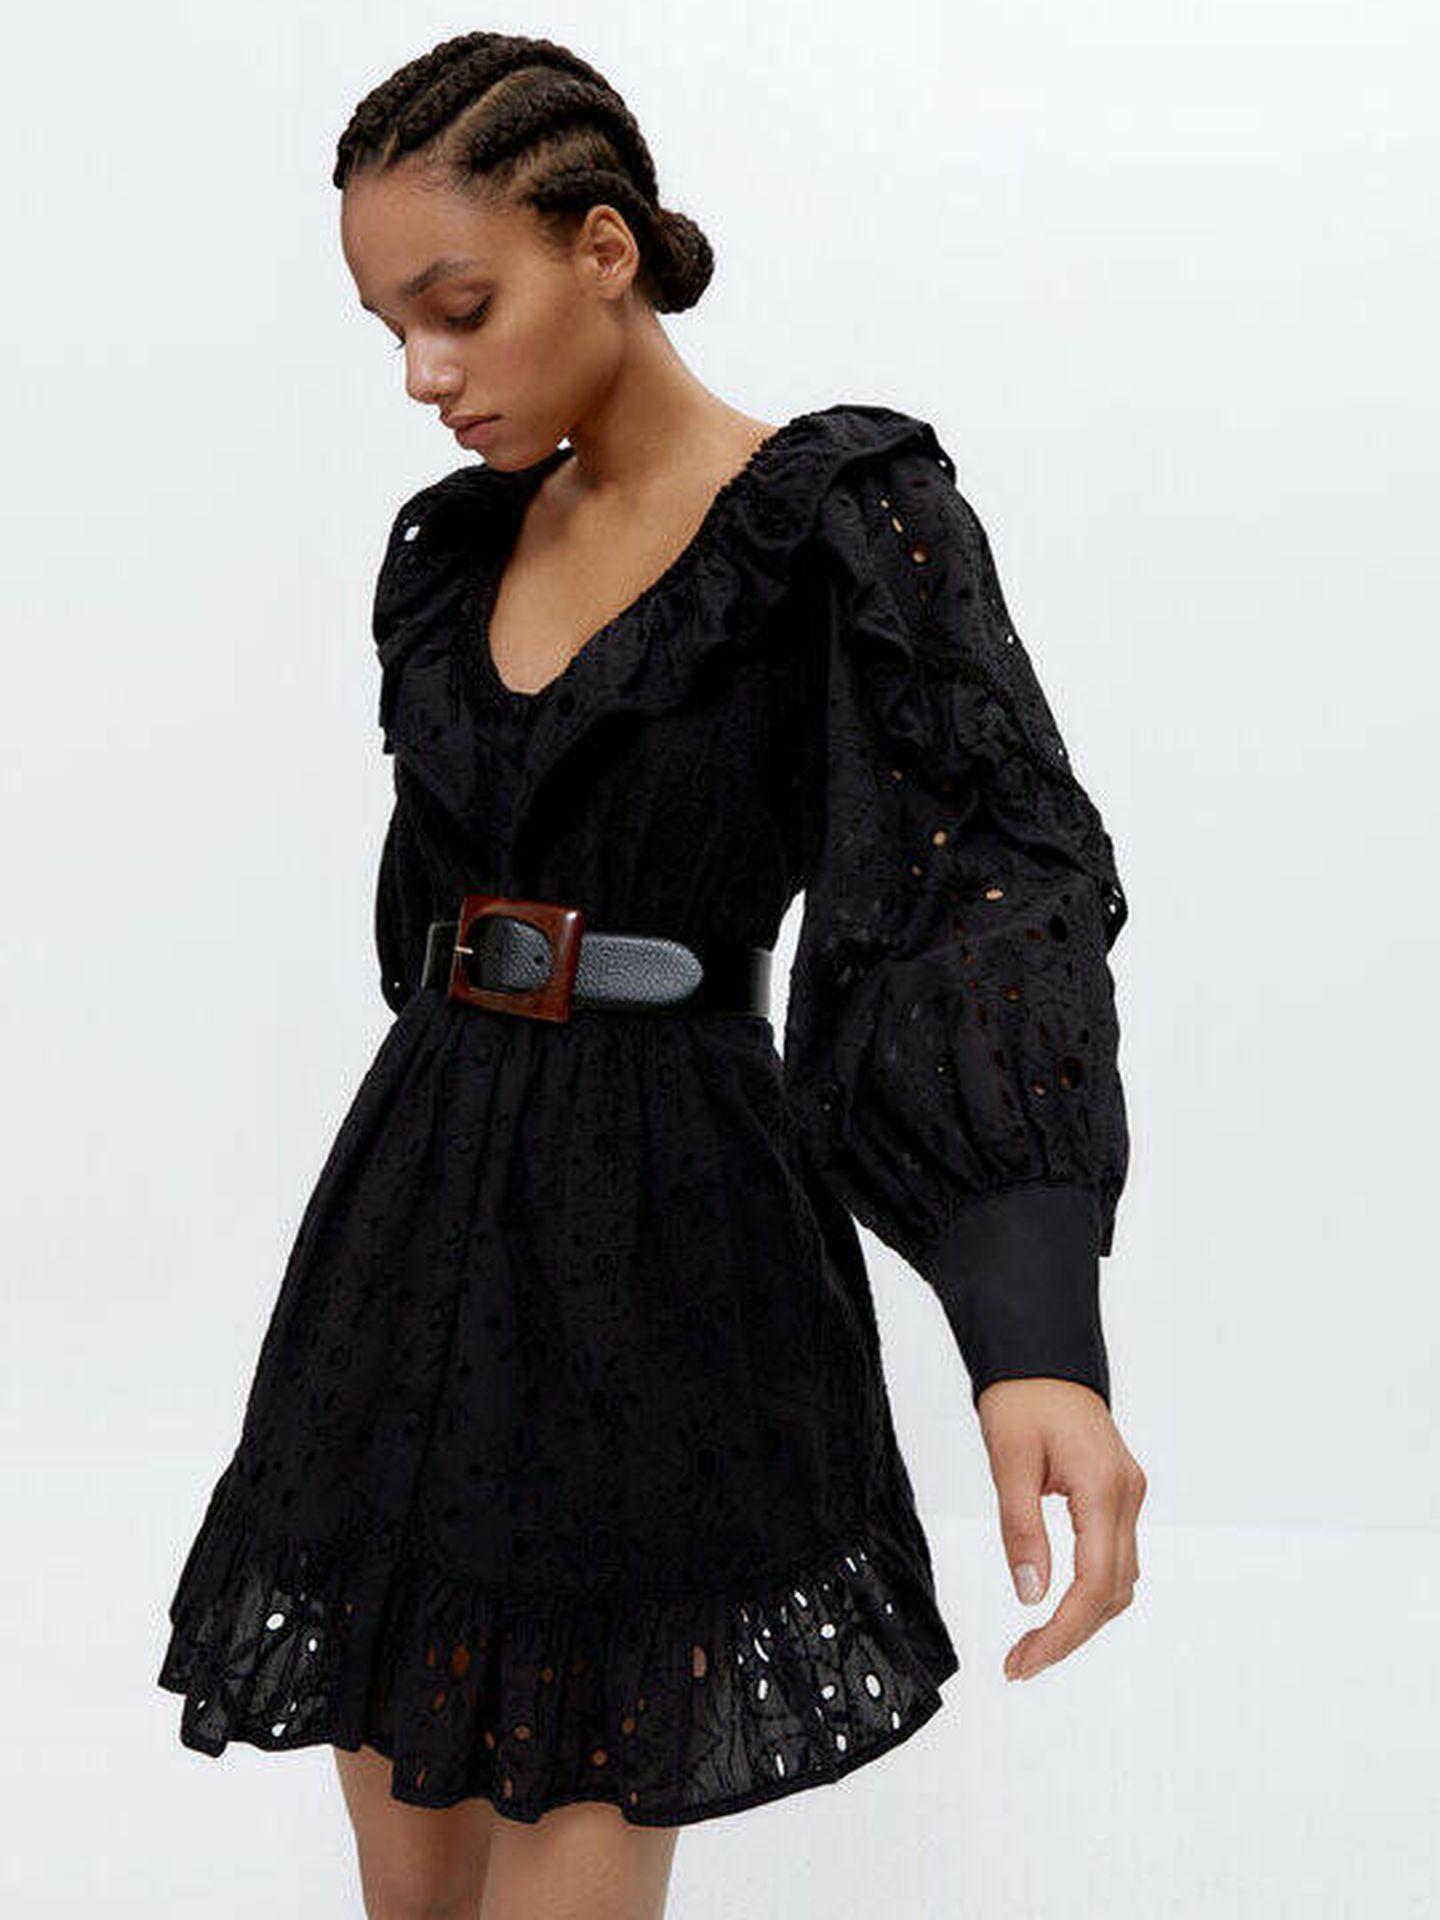 Vestido de las rebajas de Uterqüe. (Cortesía)